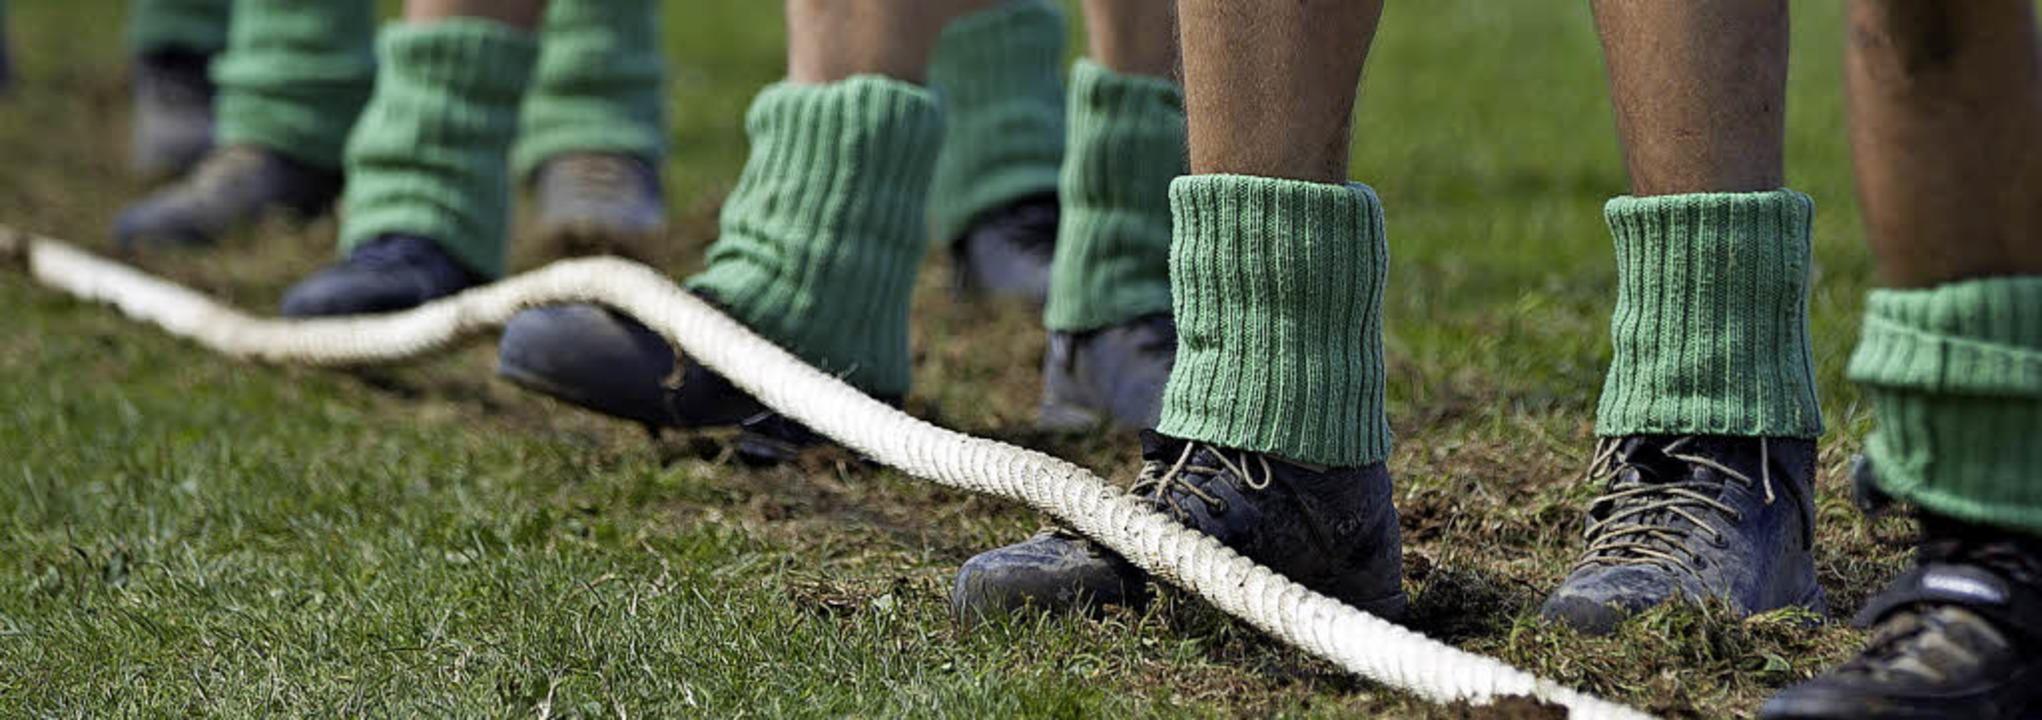 Am Wochenende ist Kraft und Taktik am Seil gefragt.   | Foto: Fleig